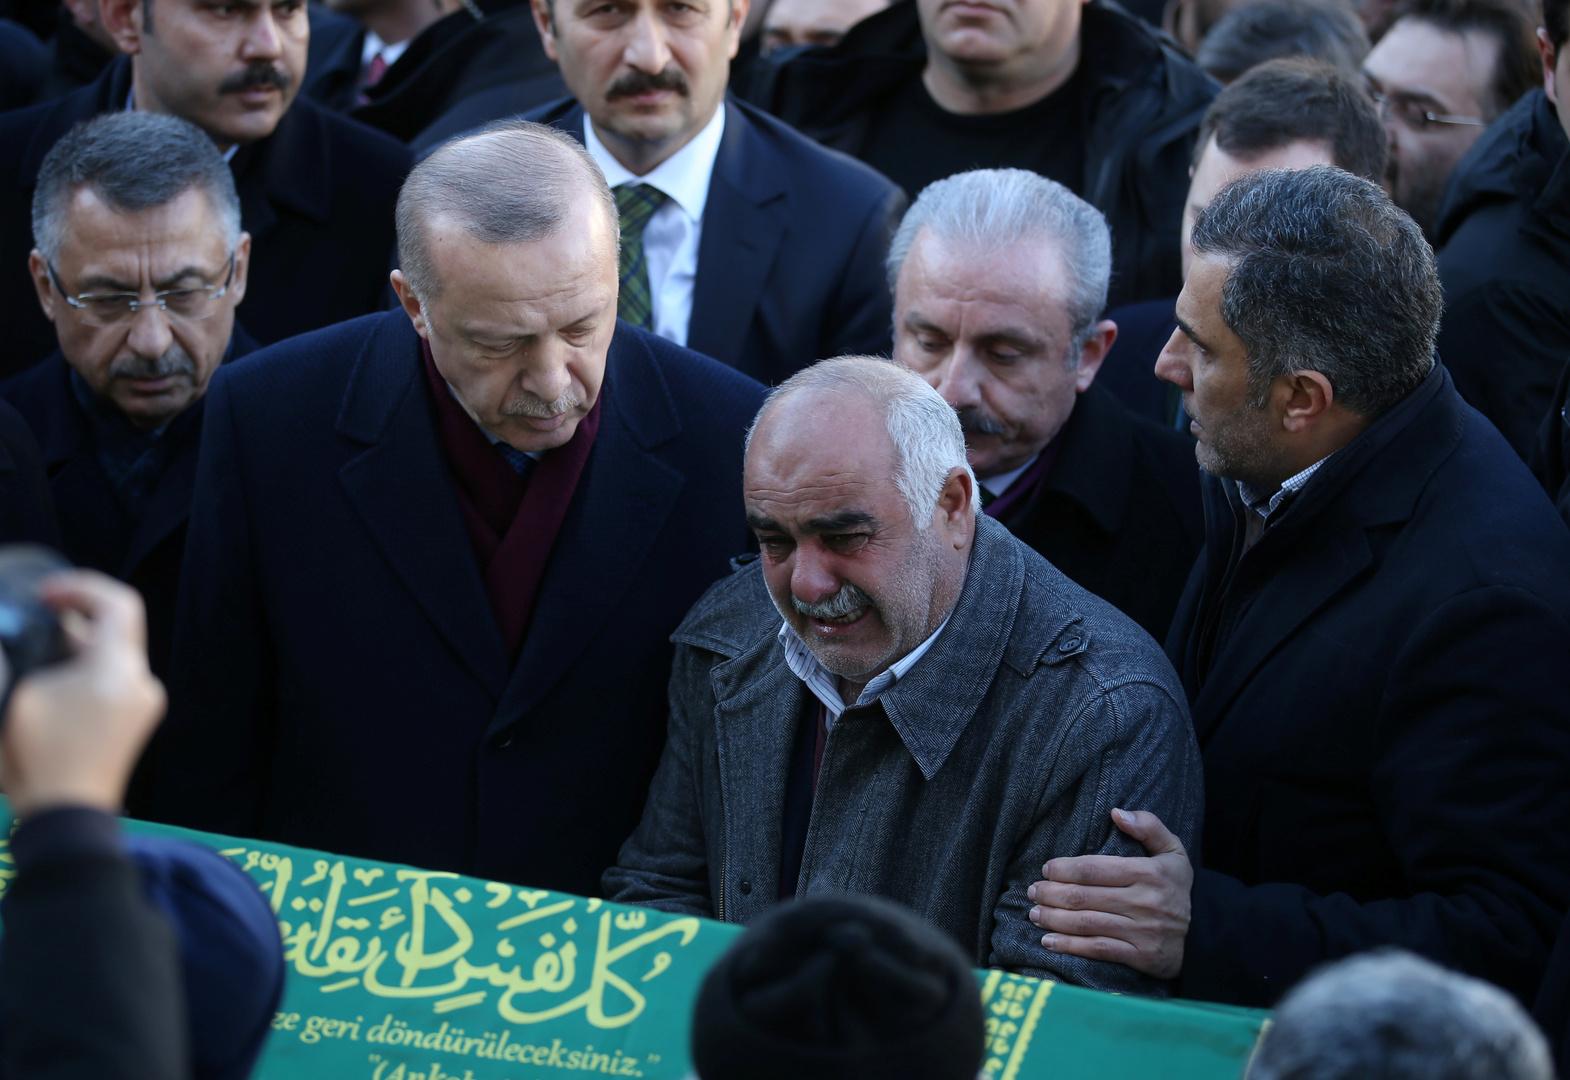 الرئيس التركي، رجب طيب أردوغان، يحضر مراسم تشييع جثامين لضحايا زلزال شرق تركيا في ولاية ألازيغ